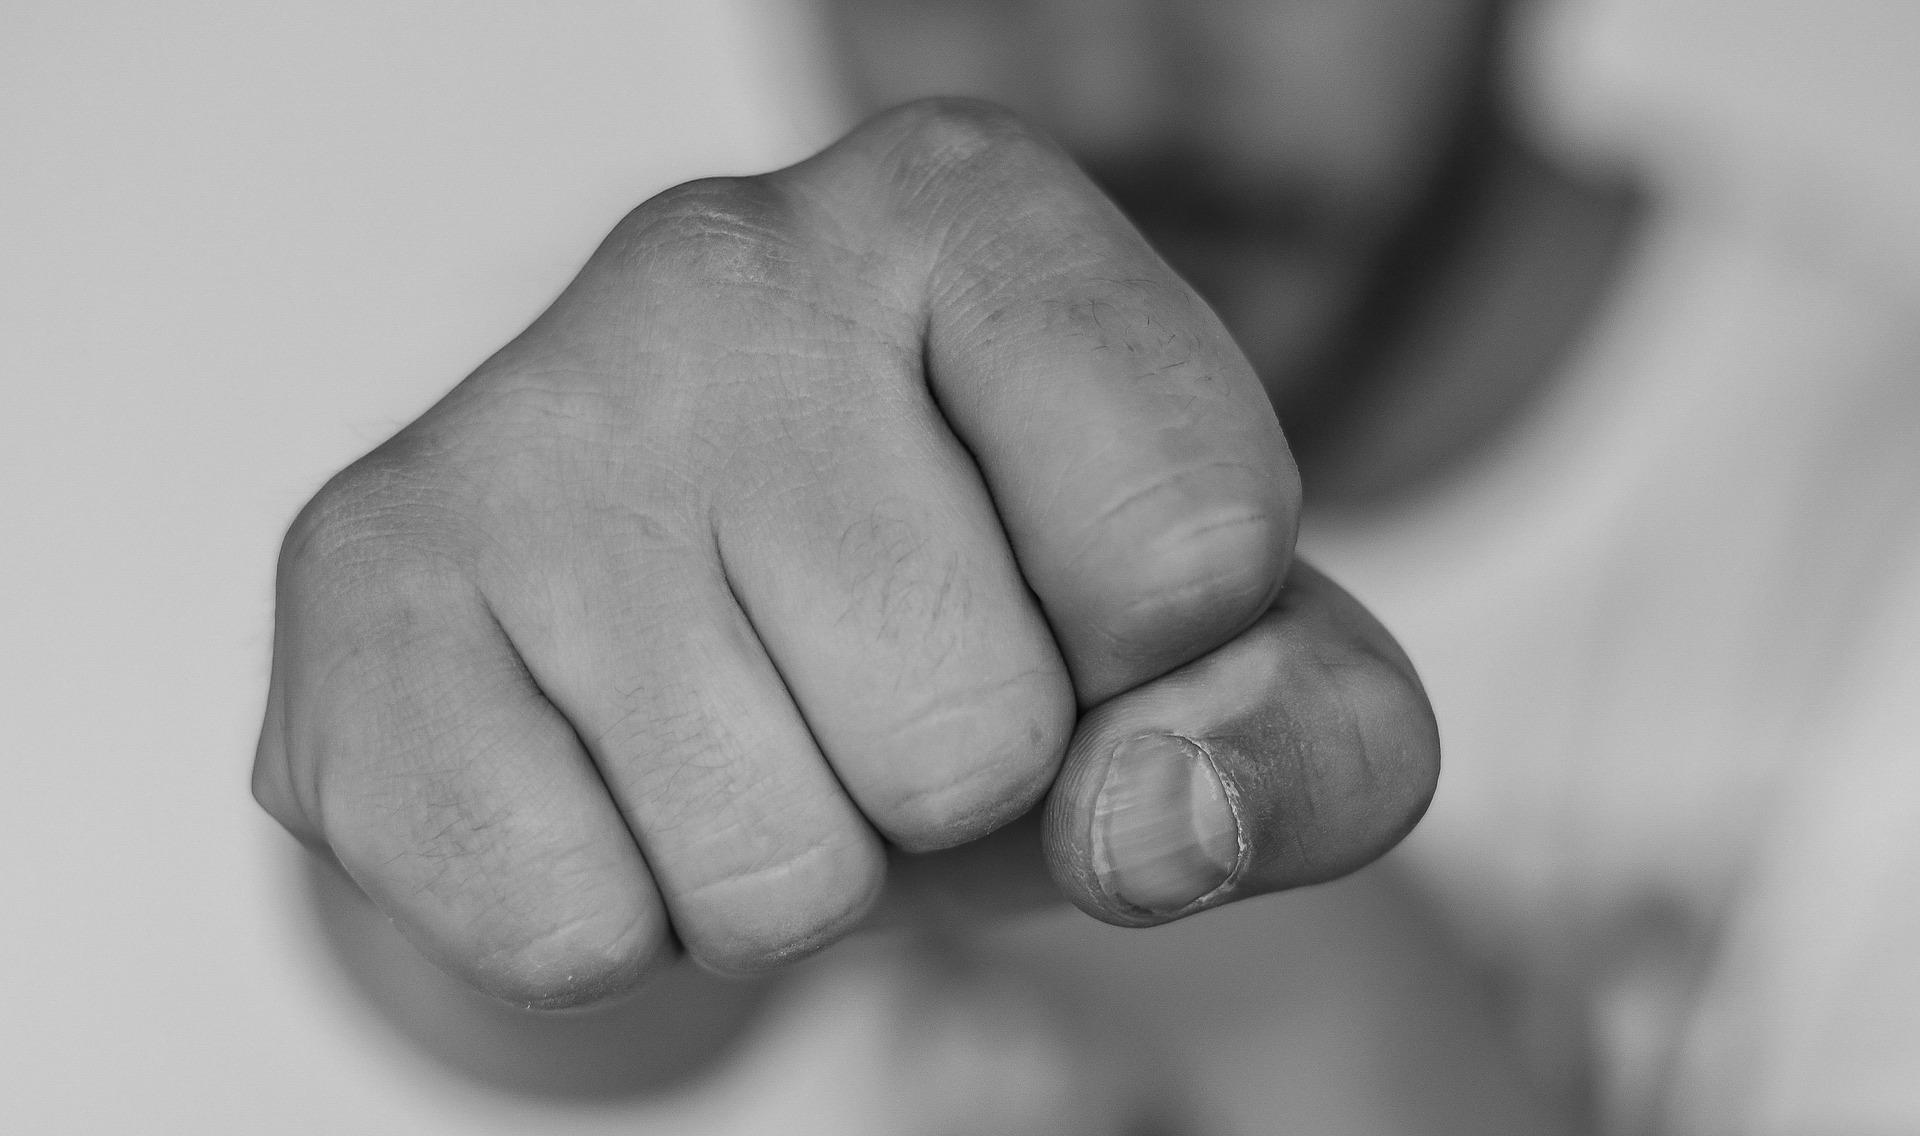 Rage fist